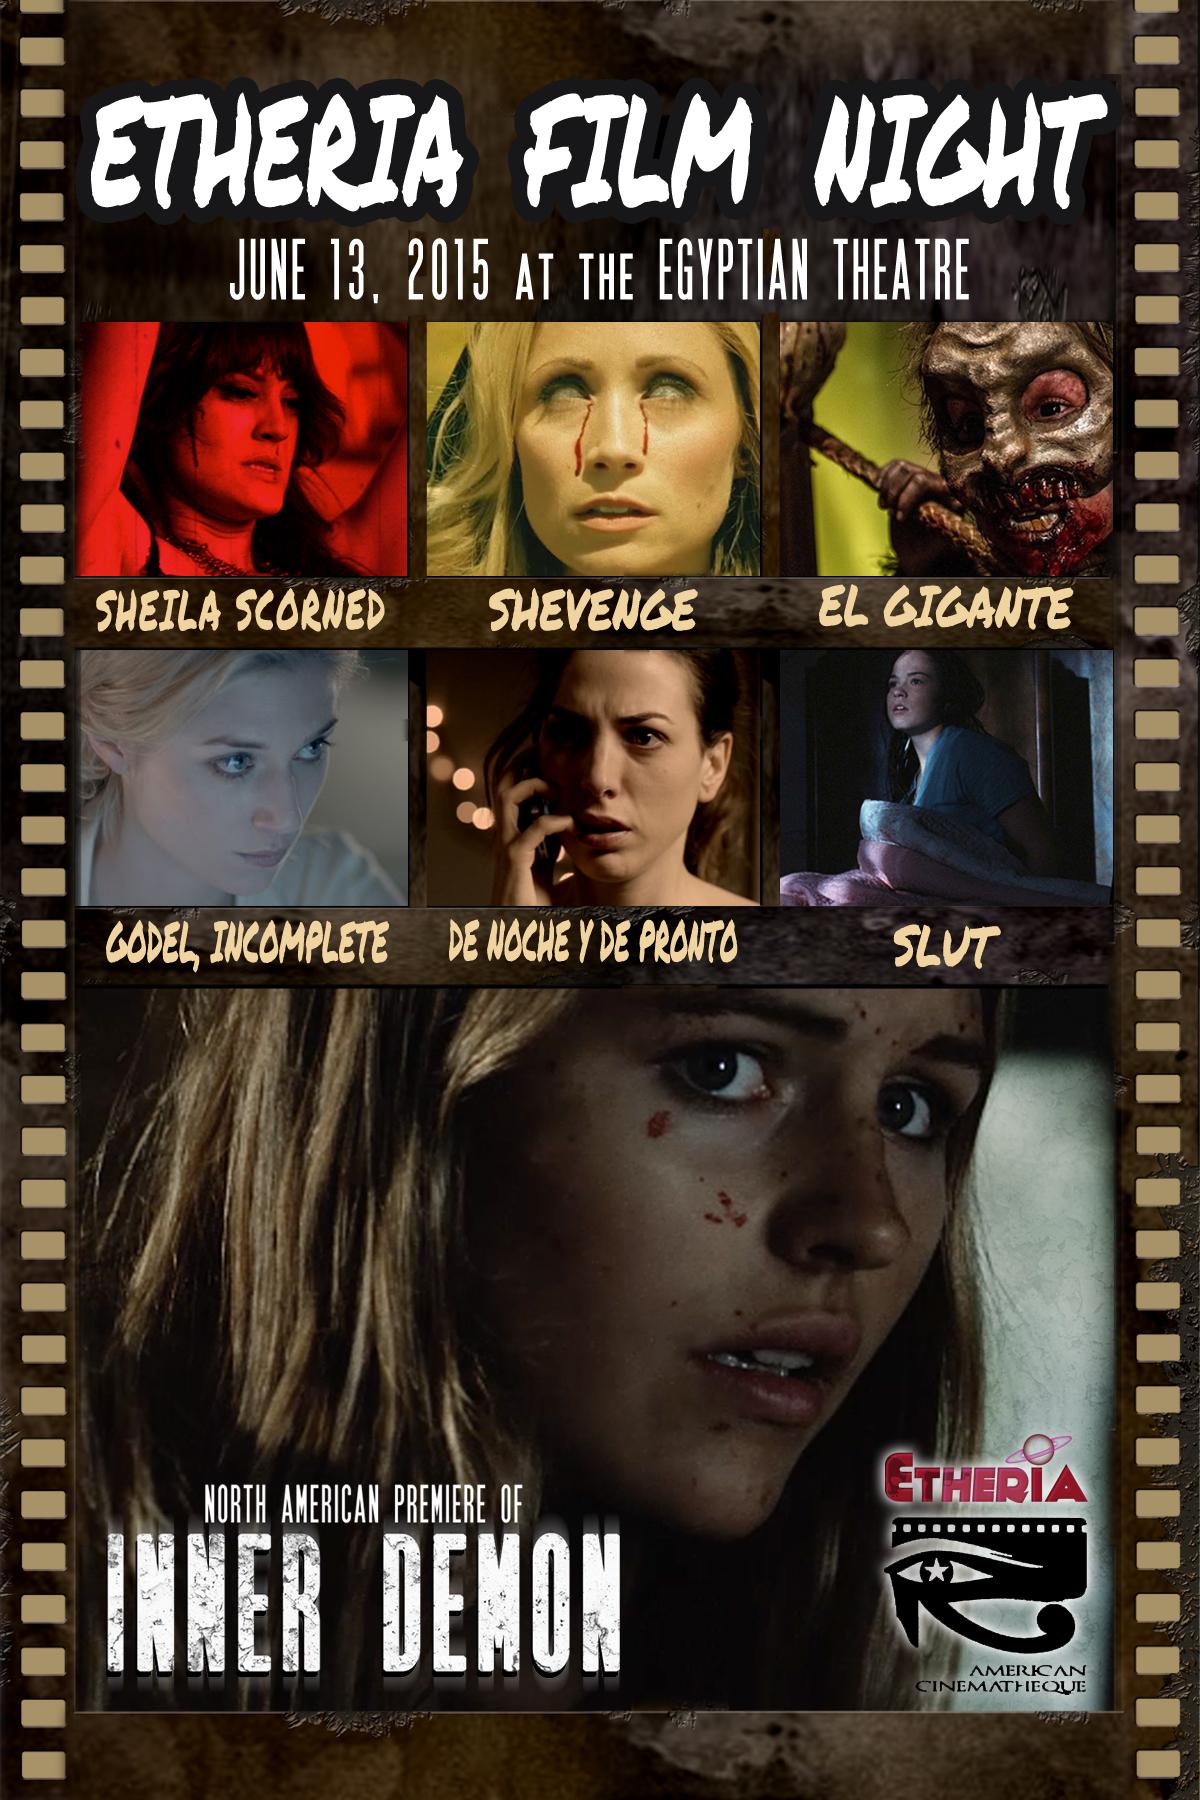 Etheria Film Night 2015